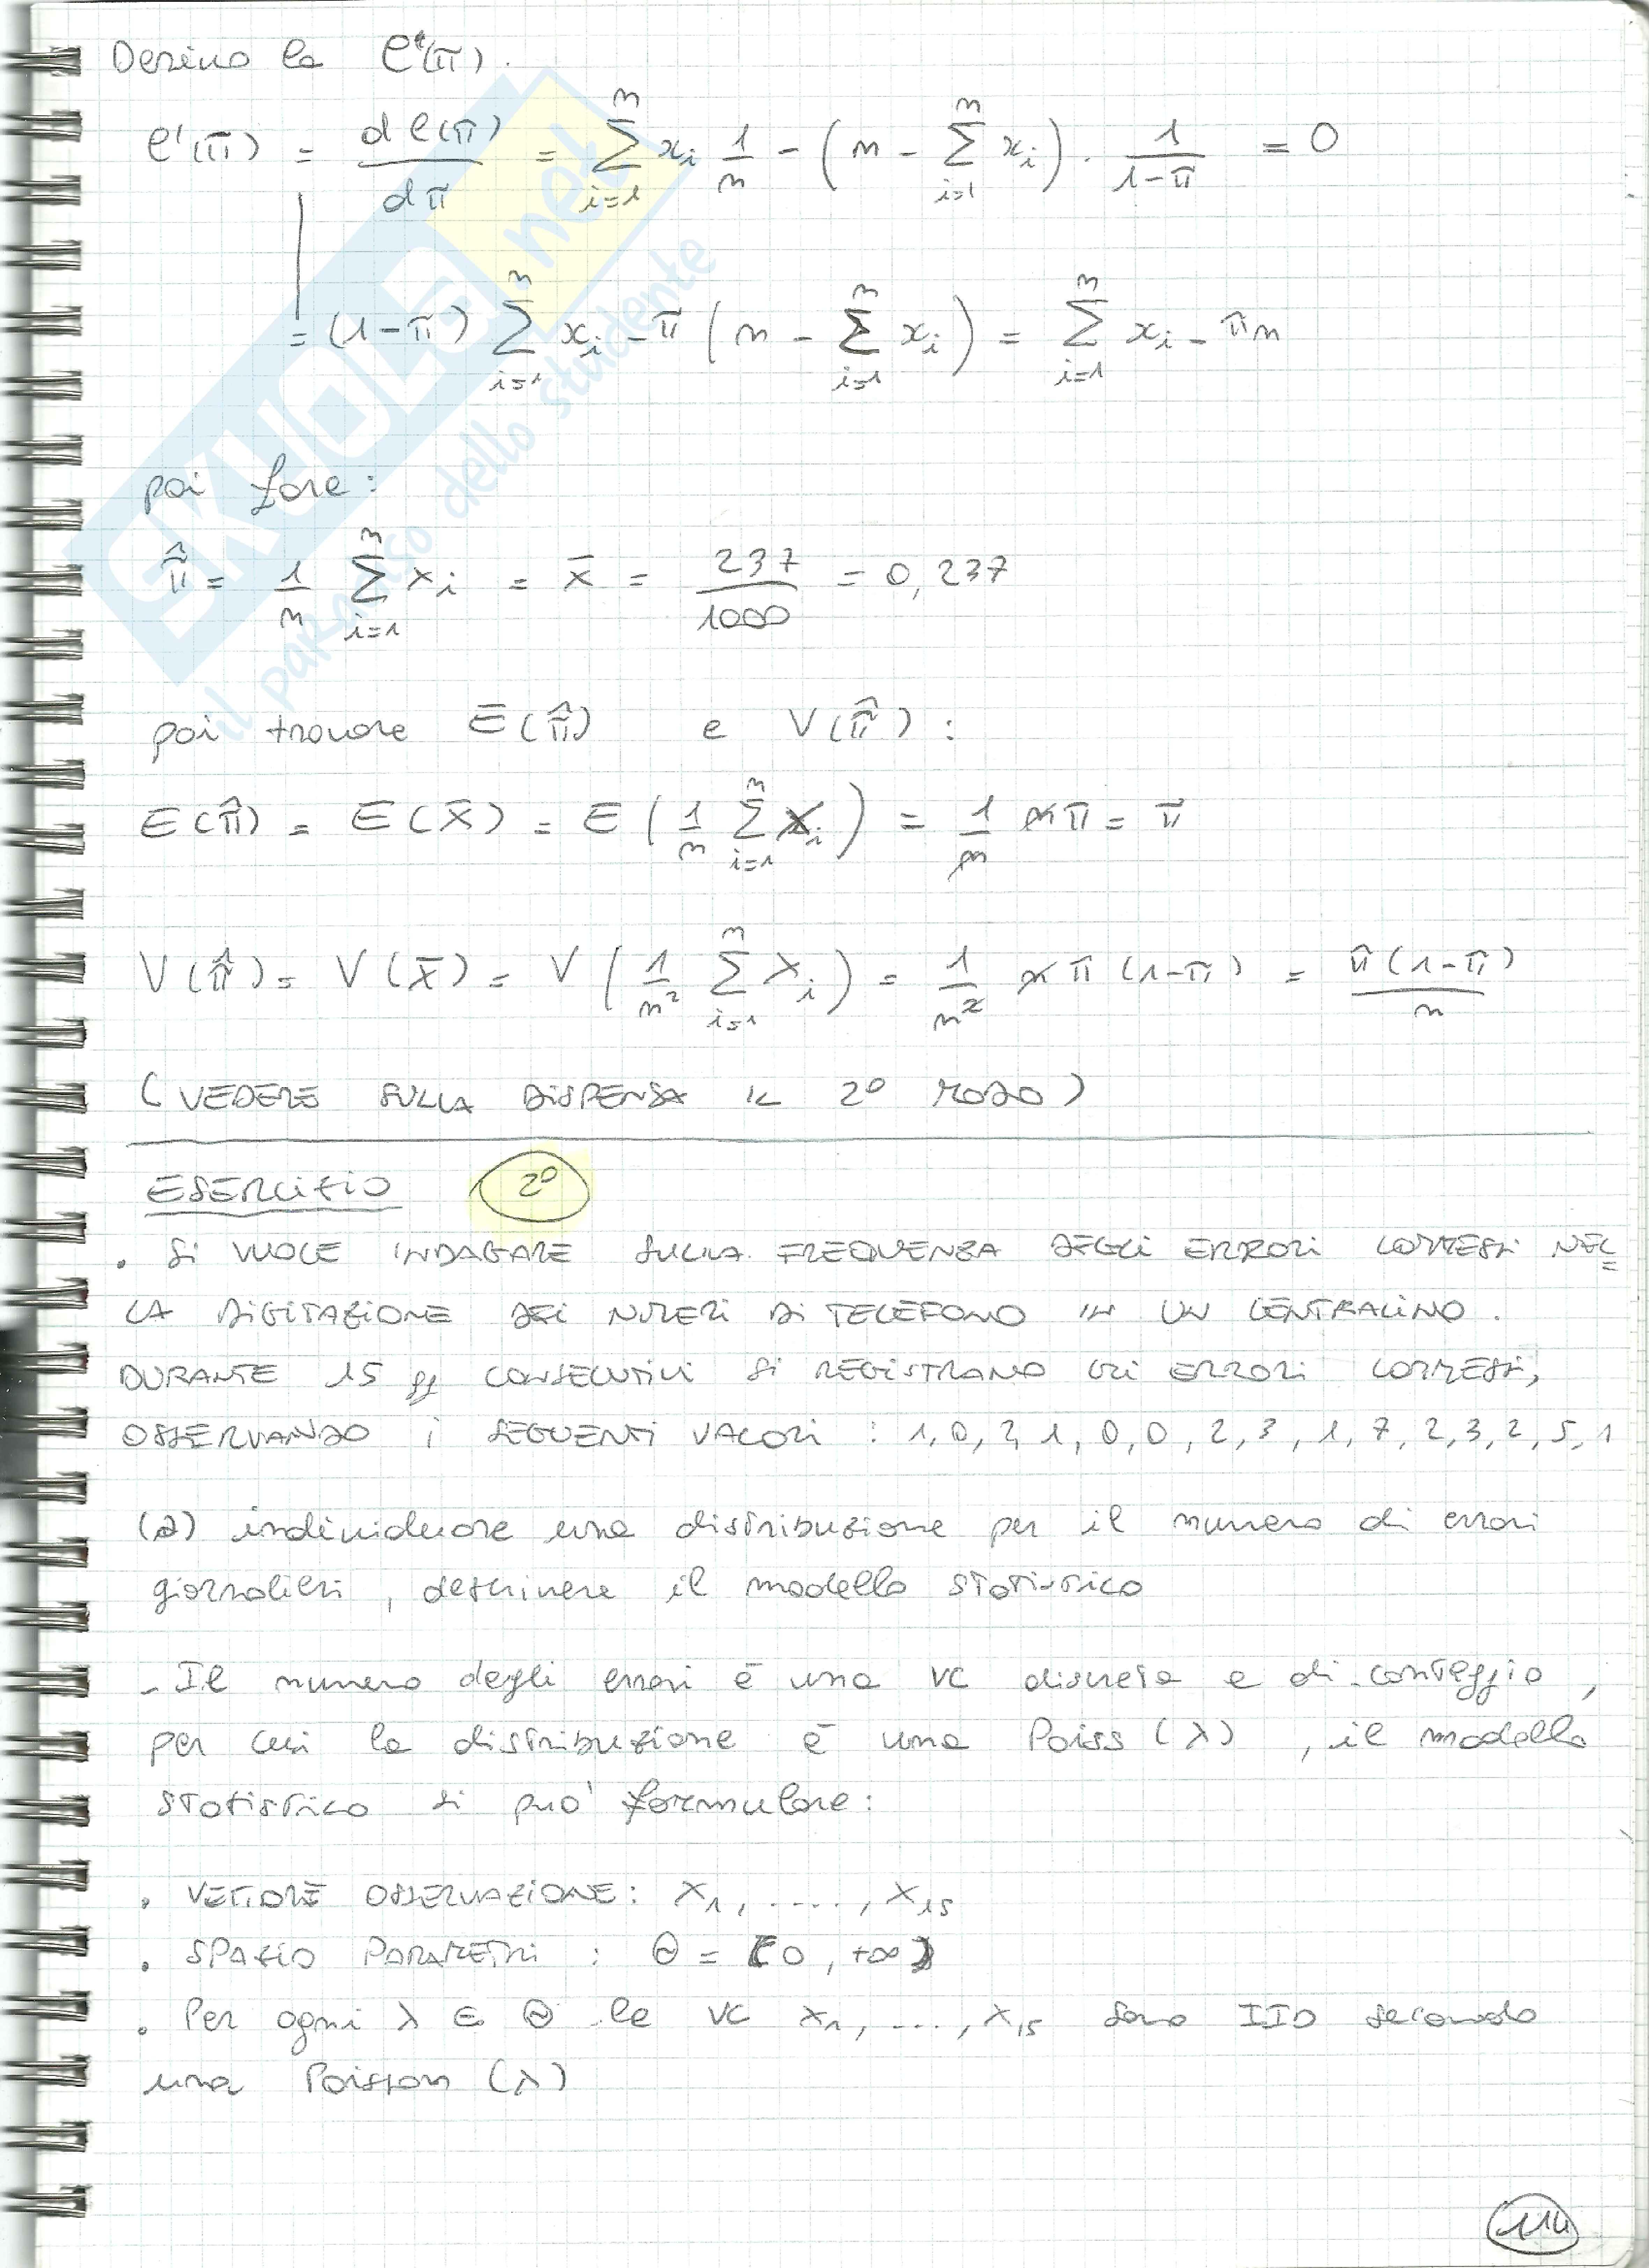 Esercizi Statistica tipo 5 (variabili casuali, Bernoulli, Binomiale, stima verosimiglianza, stimatori, confidenza) Pag. 2